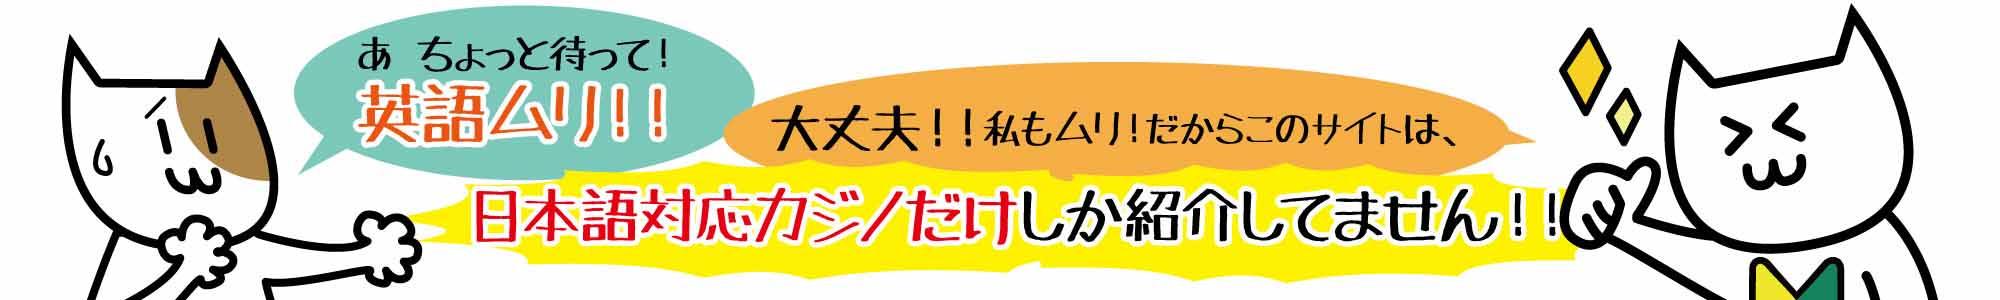 日本語対応カジノだけ紹介しています